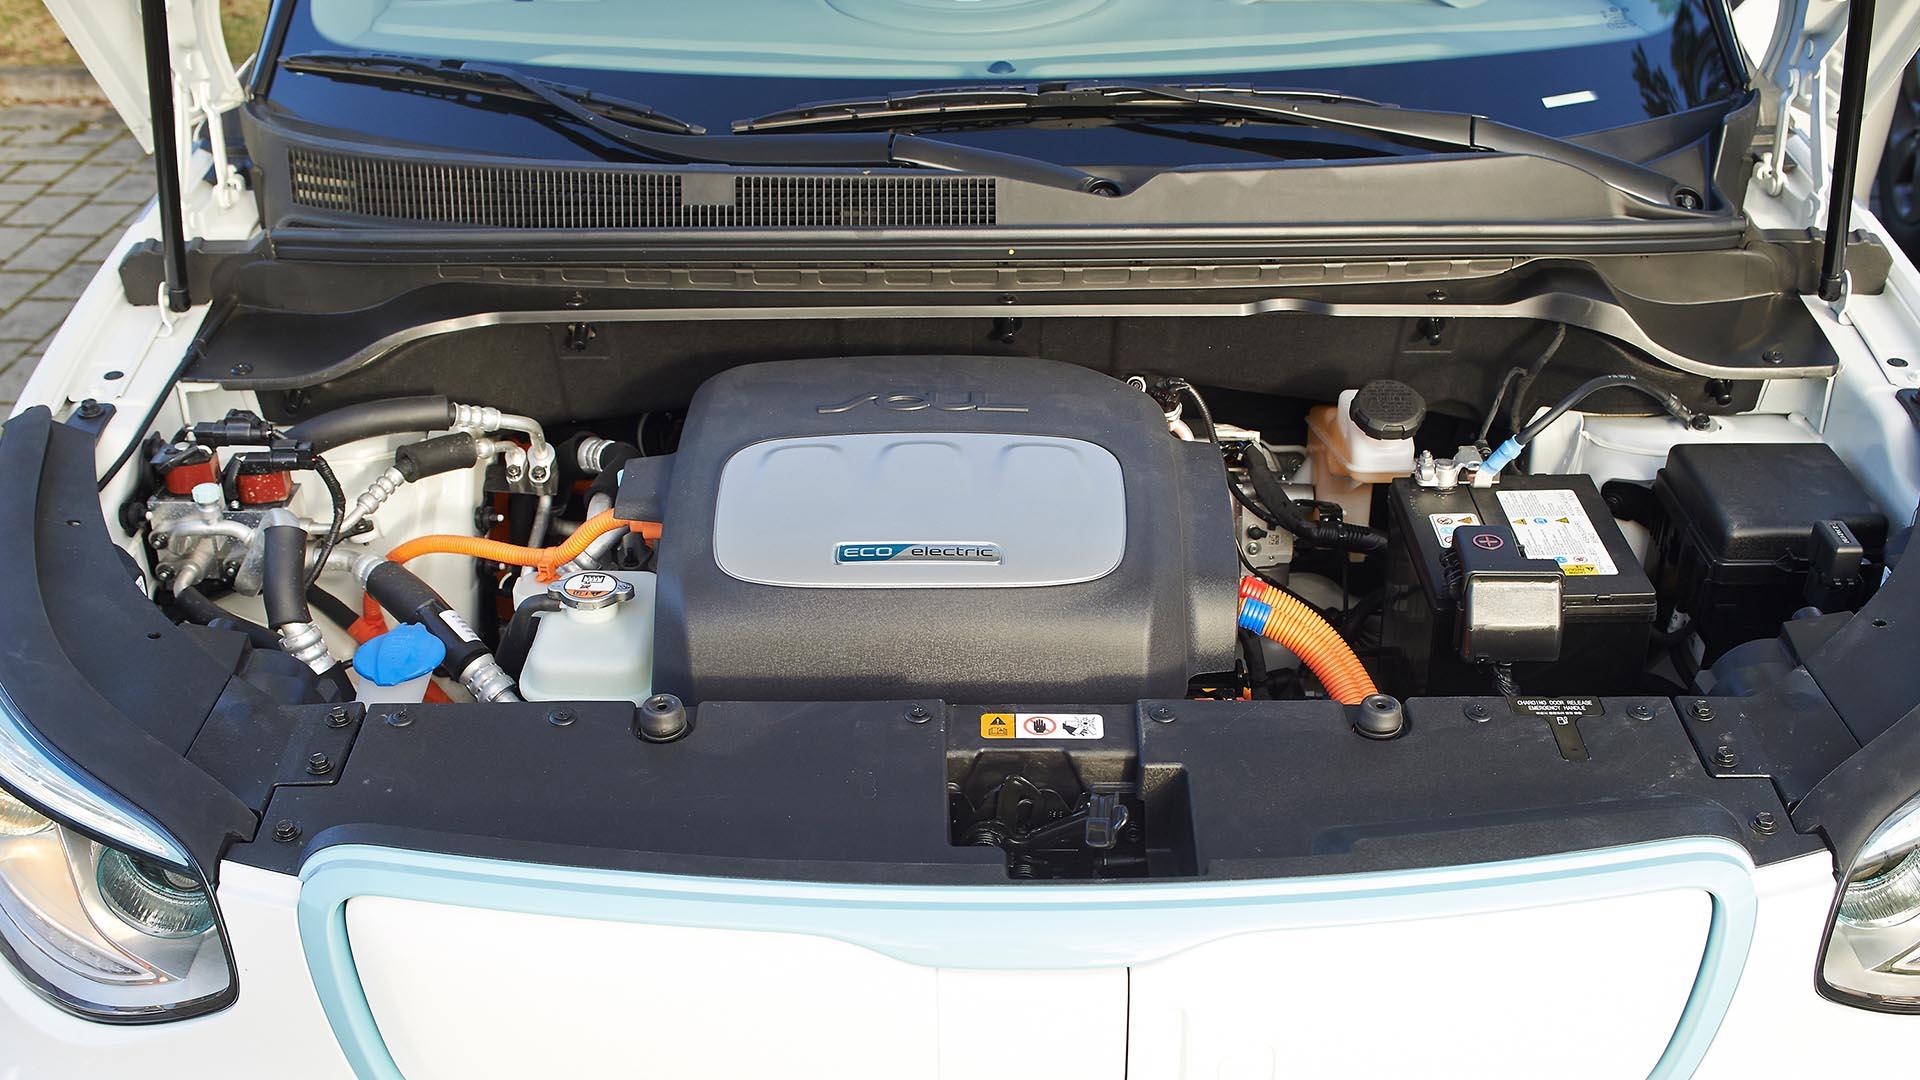 Kia Soul electric car maintenance